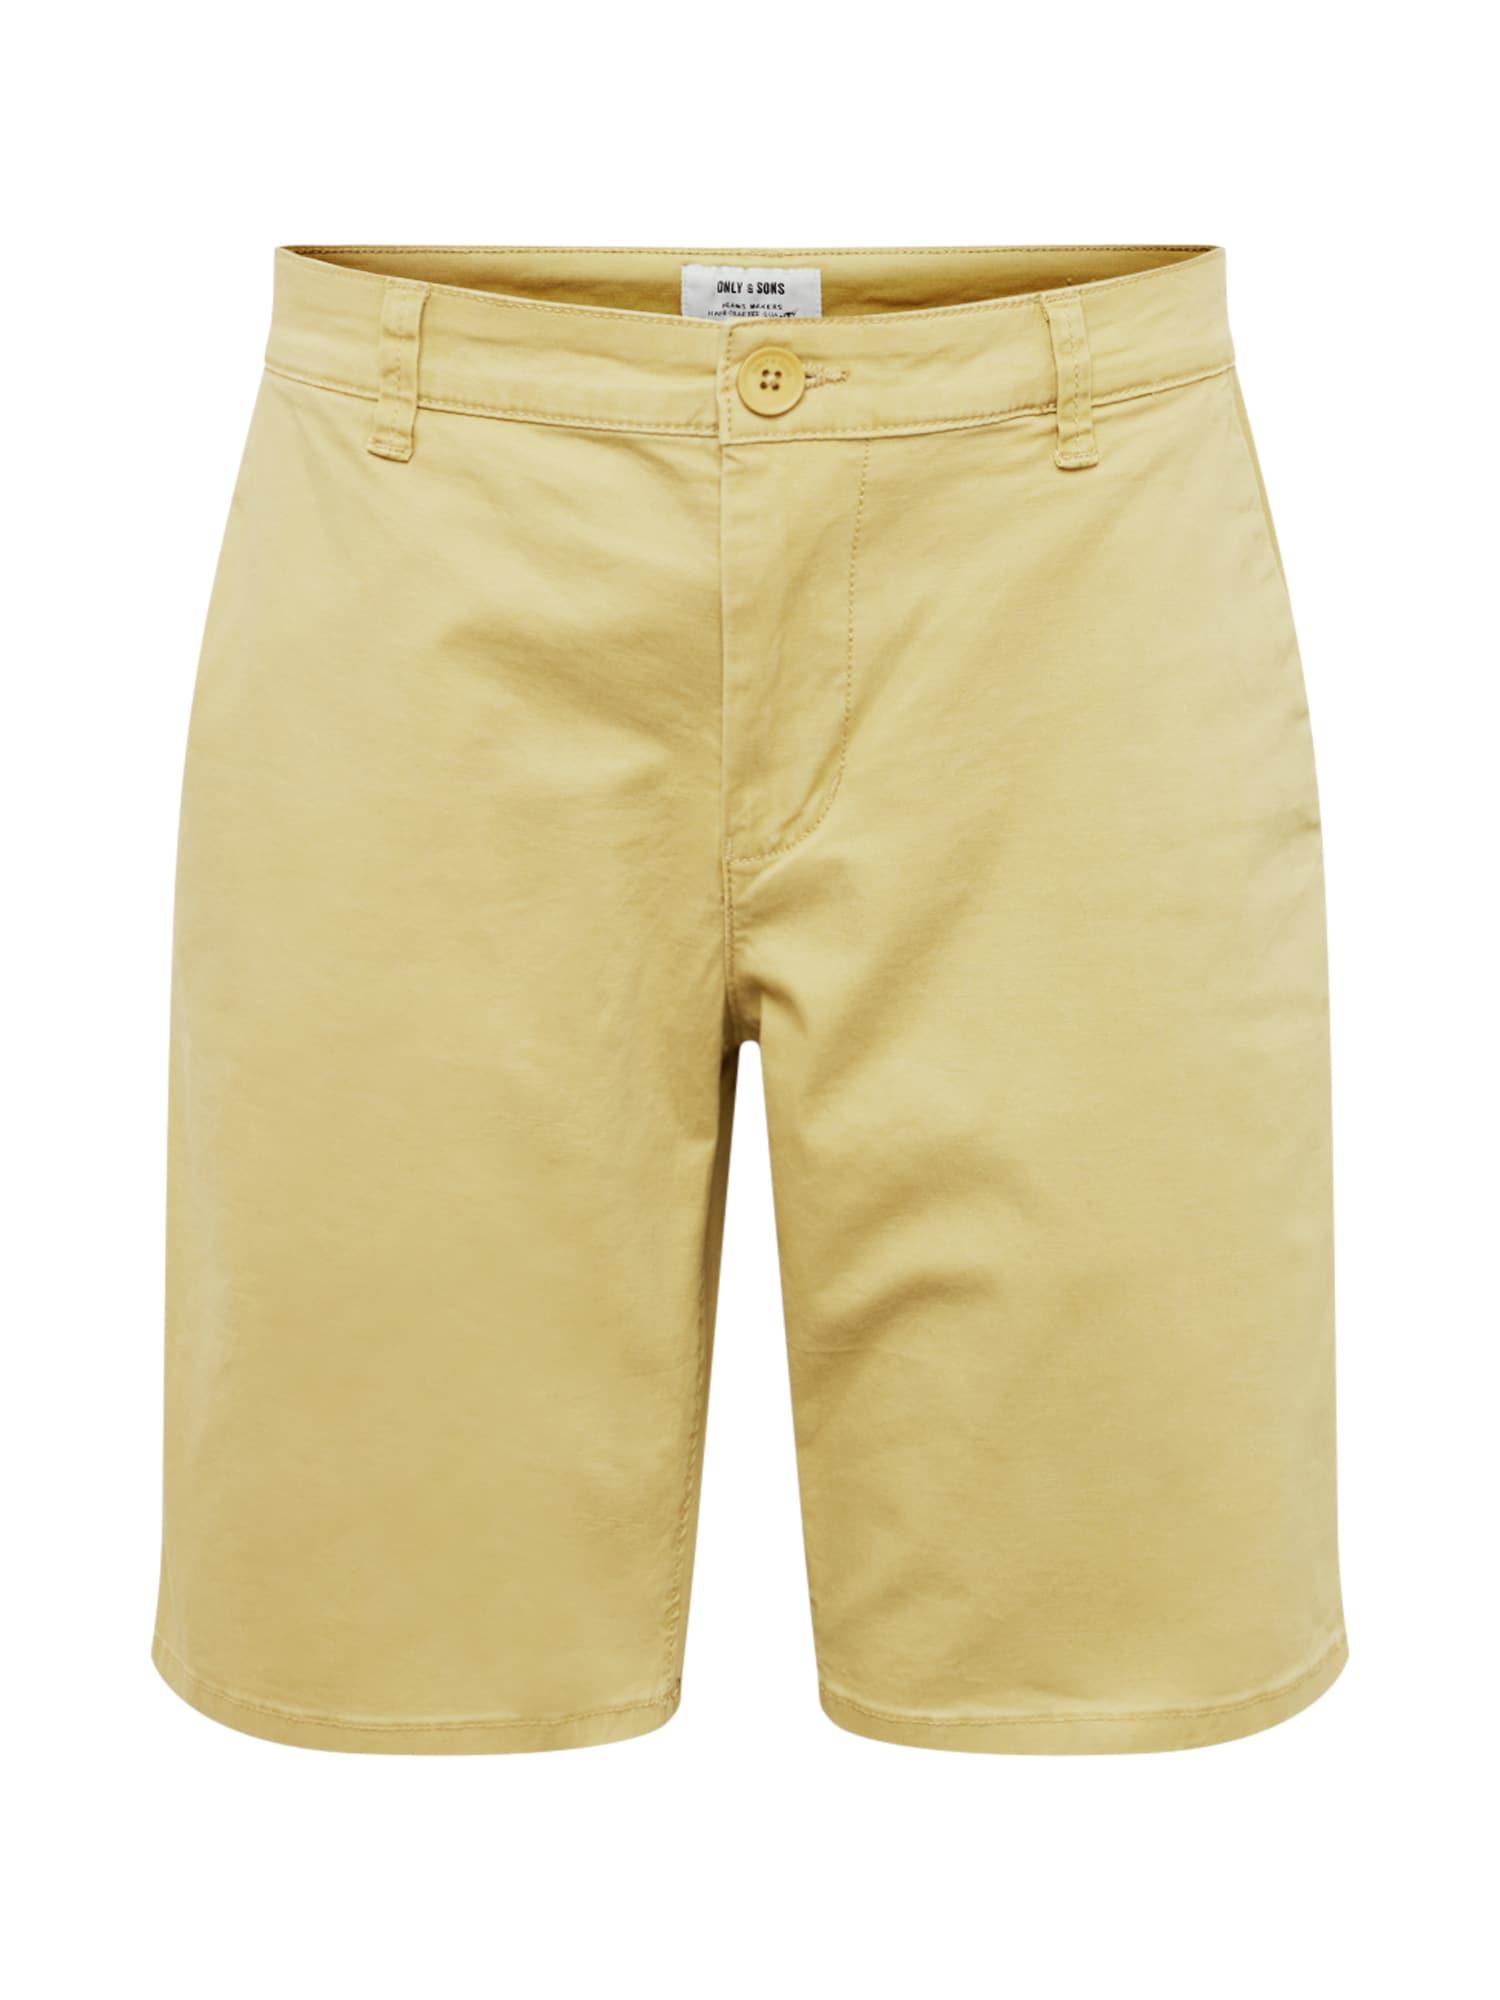 Chino kalhoty onsCAM khaki Only & Sons